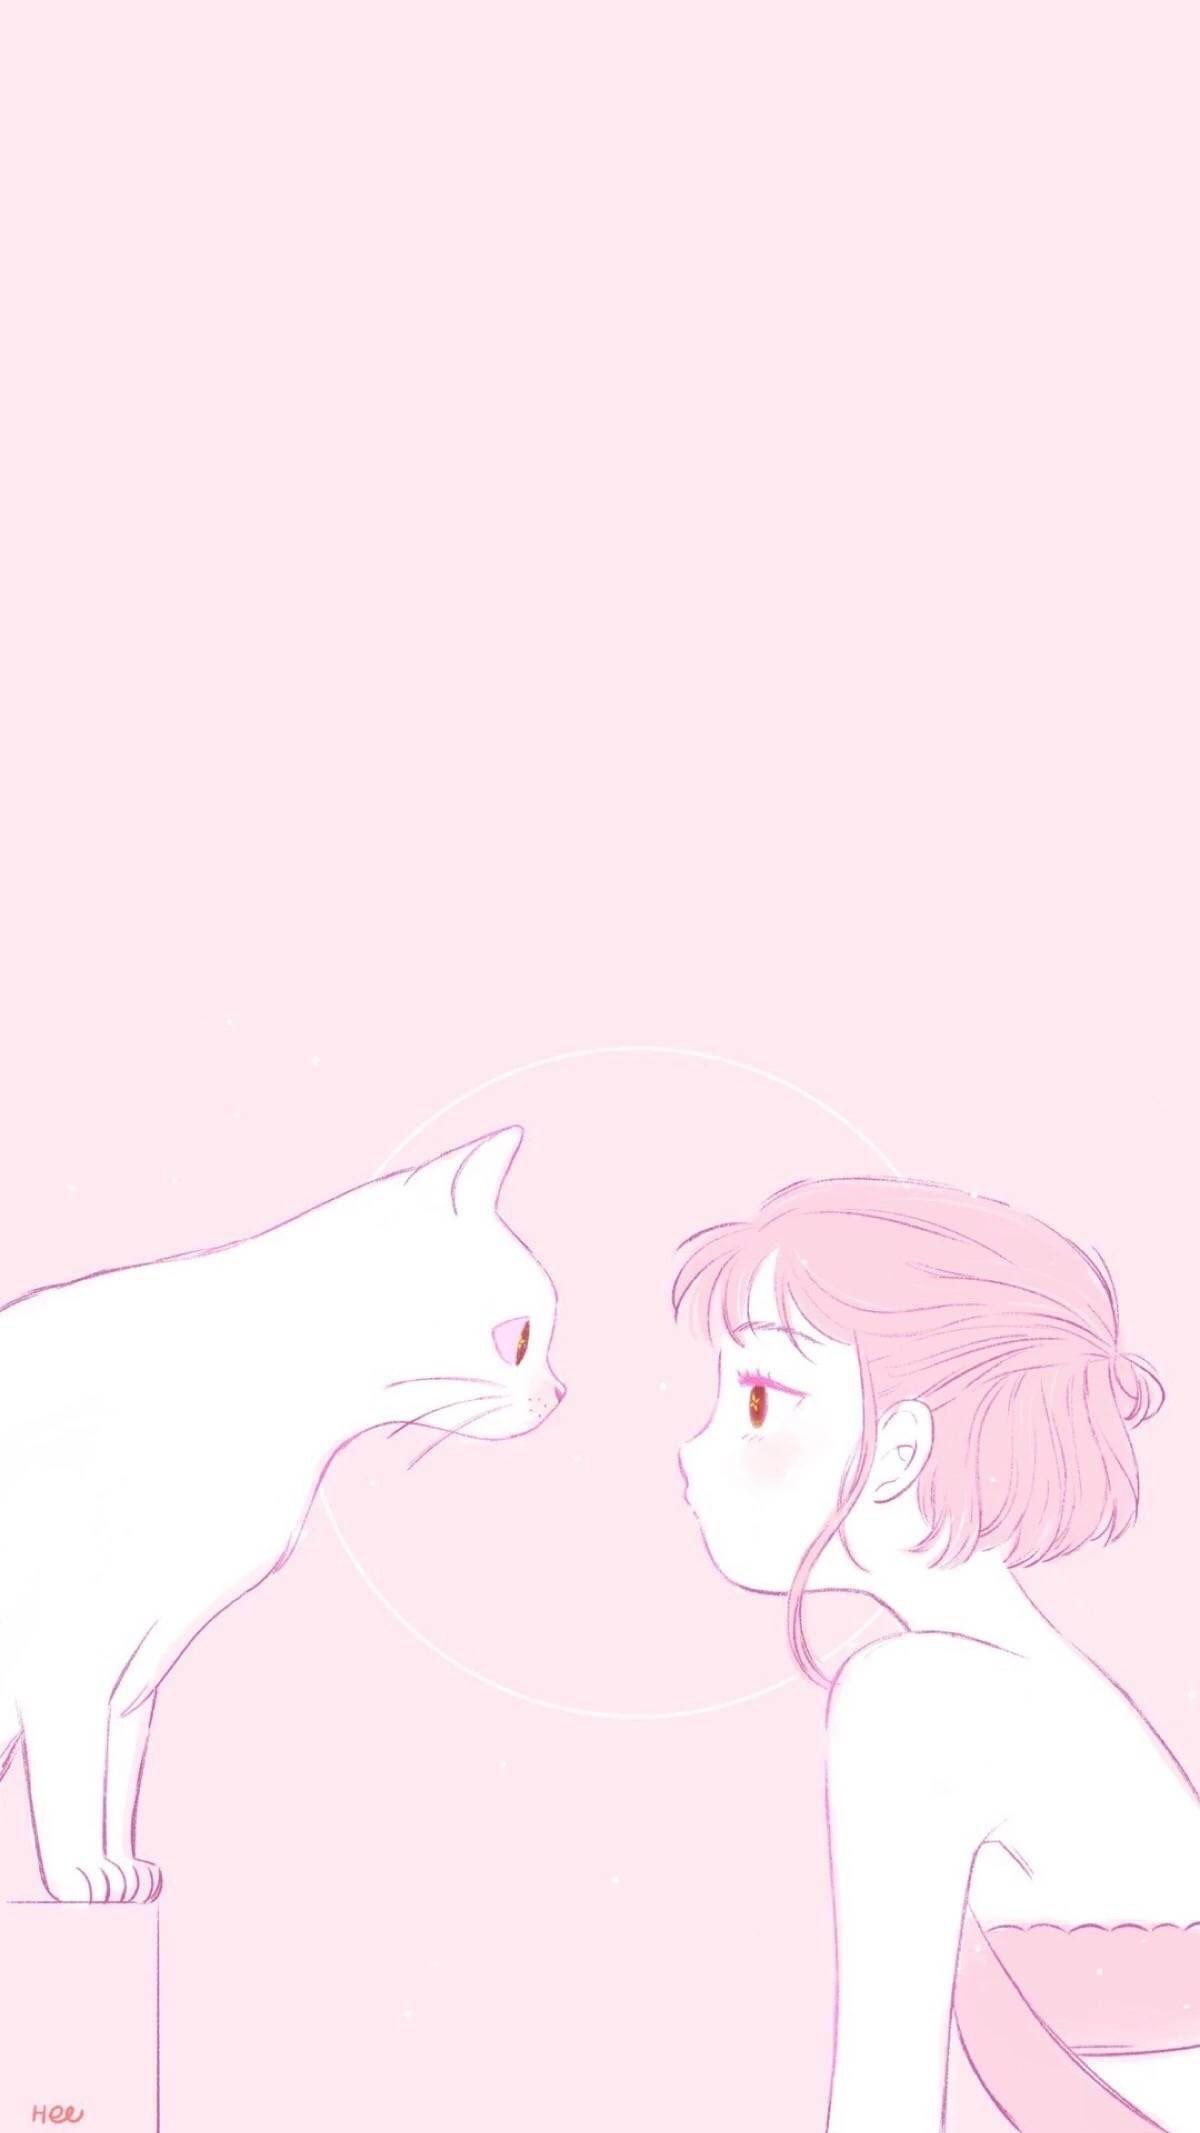 Pin By Ellen Su On 小仙女壁紙 Cute Anime Wallpaper Art